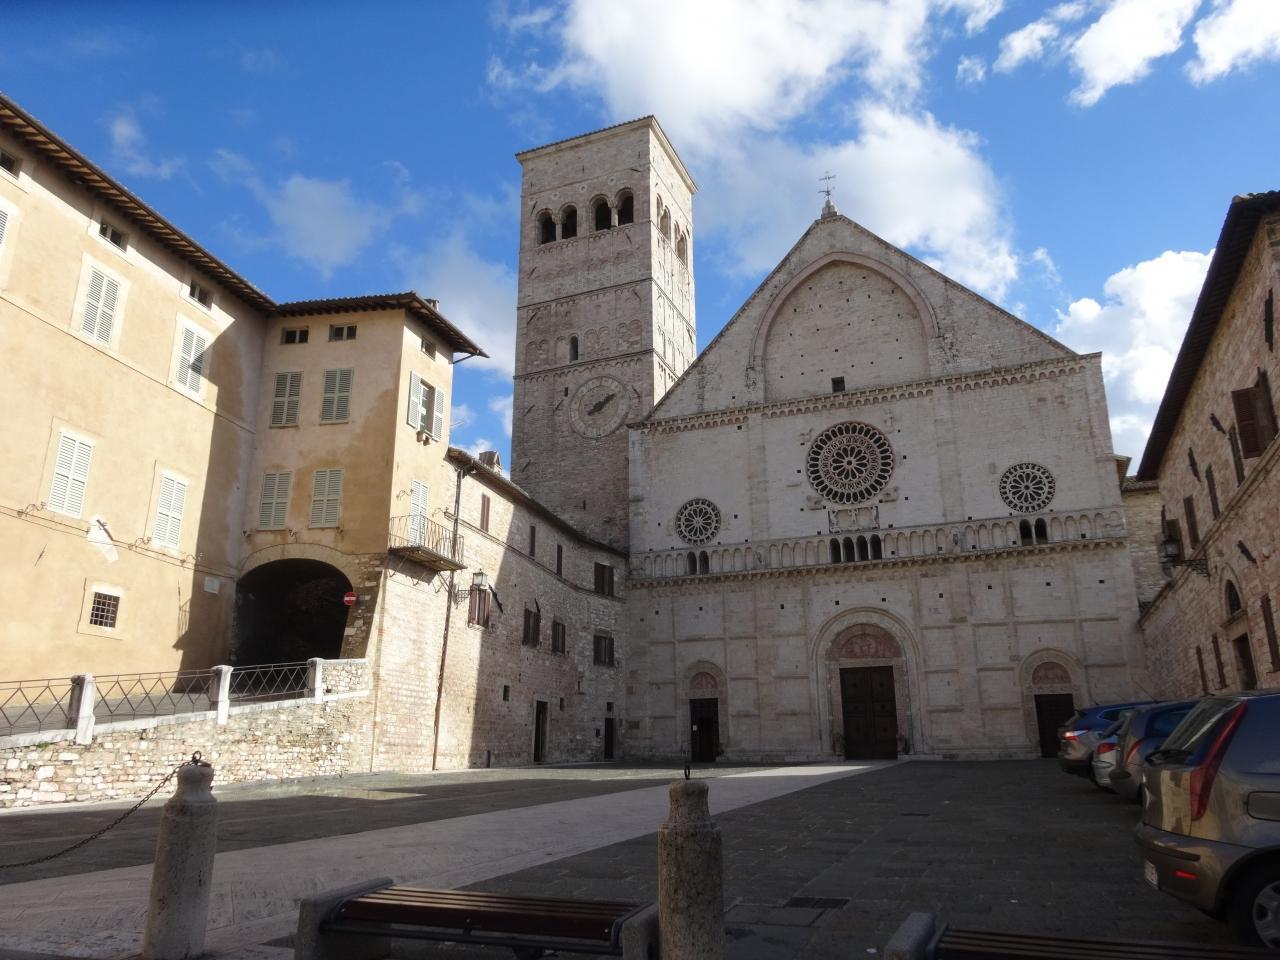 アッシジ、フランチェスコ聖堂と関連修道施設群の画像 p1_38